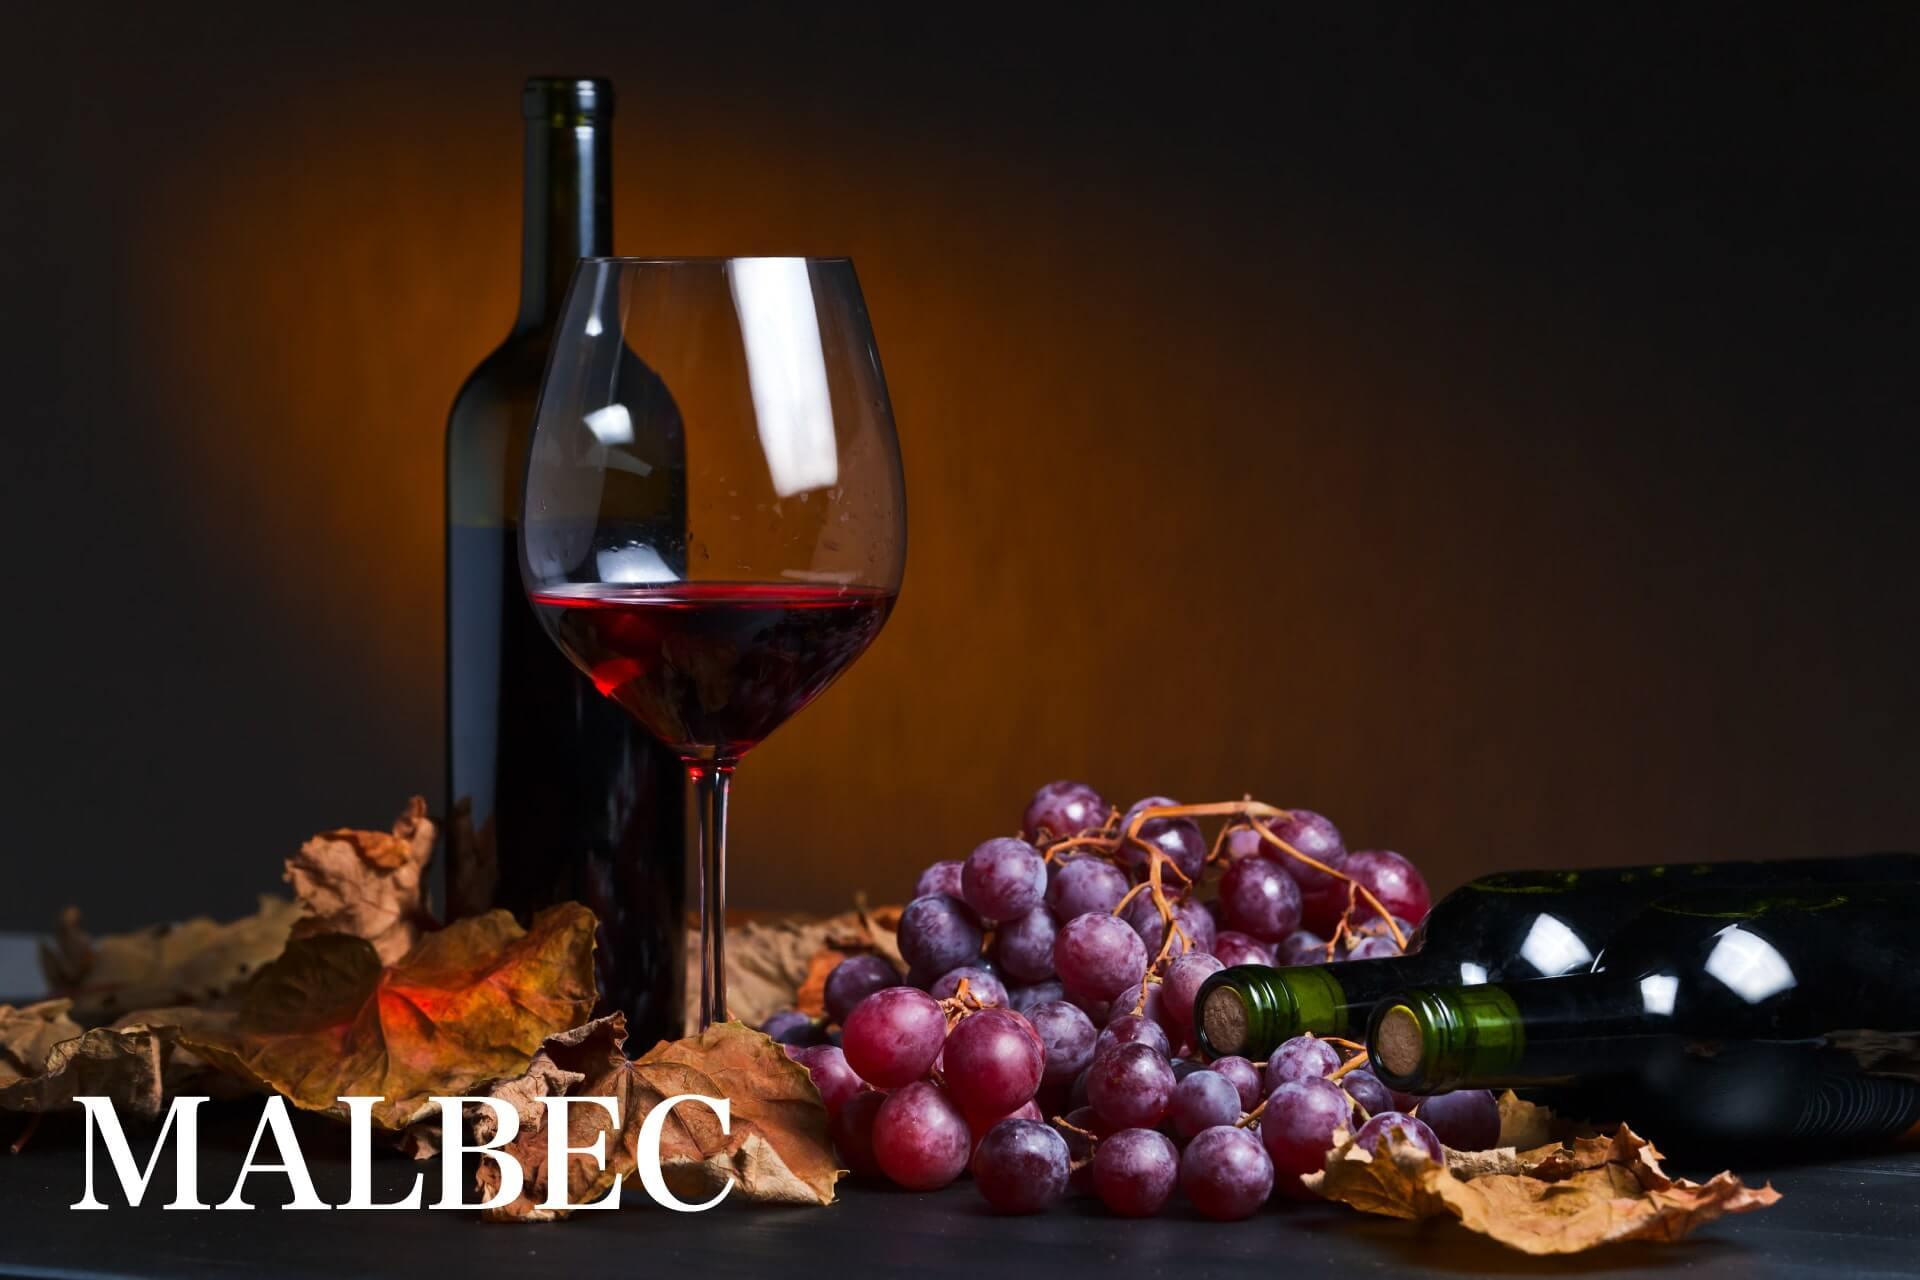 マルベックおすすめワインのメインビジュアルの画像